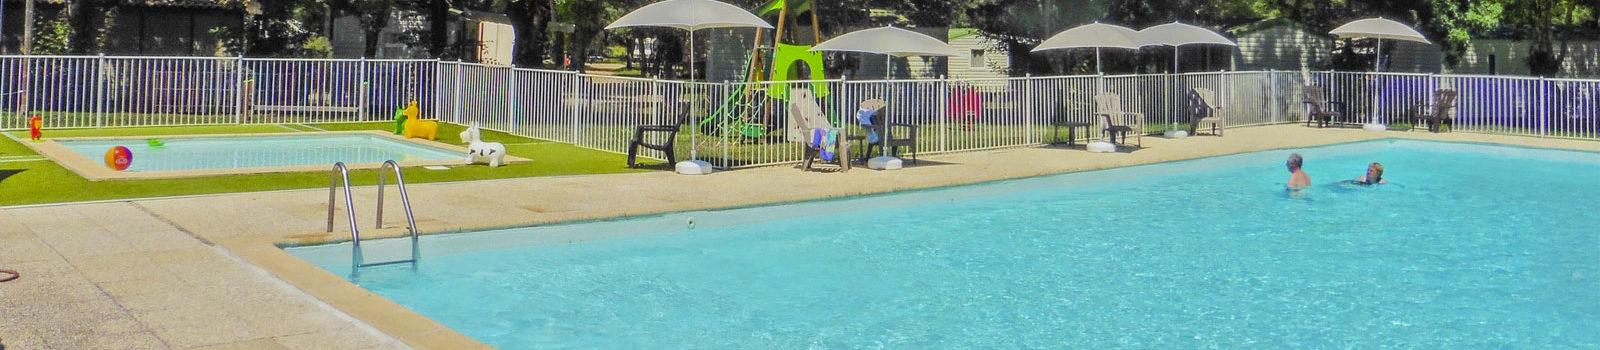 piscine domaine lidon